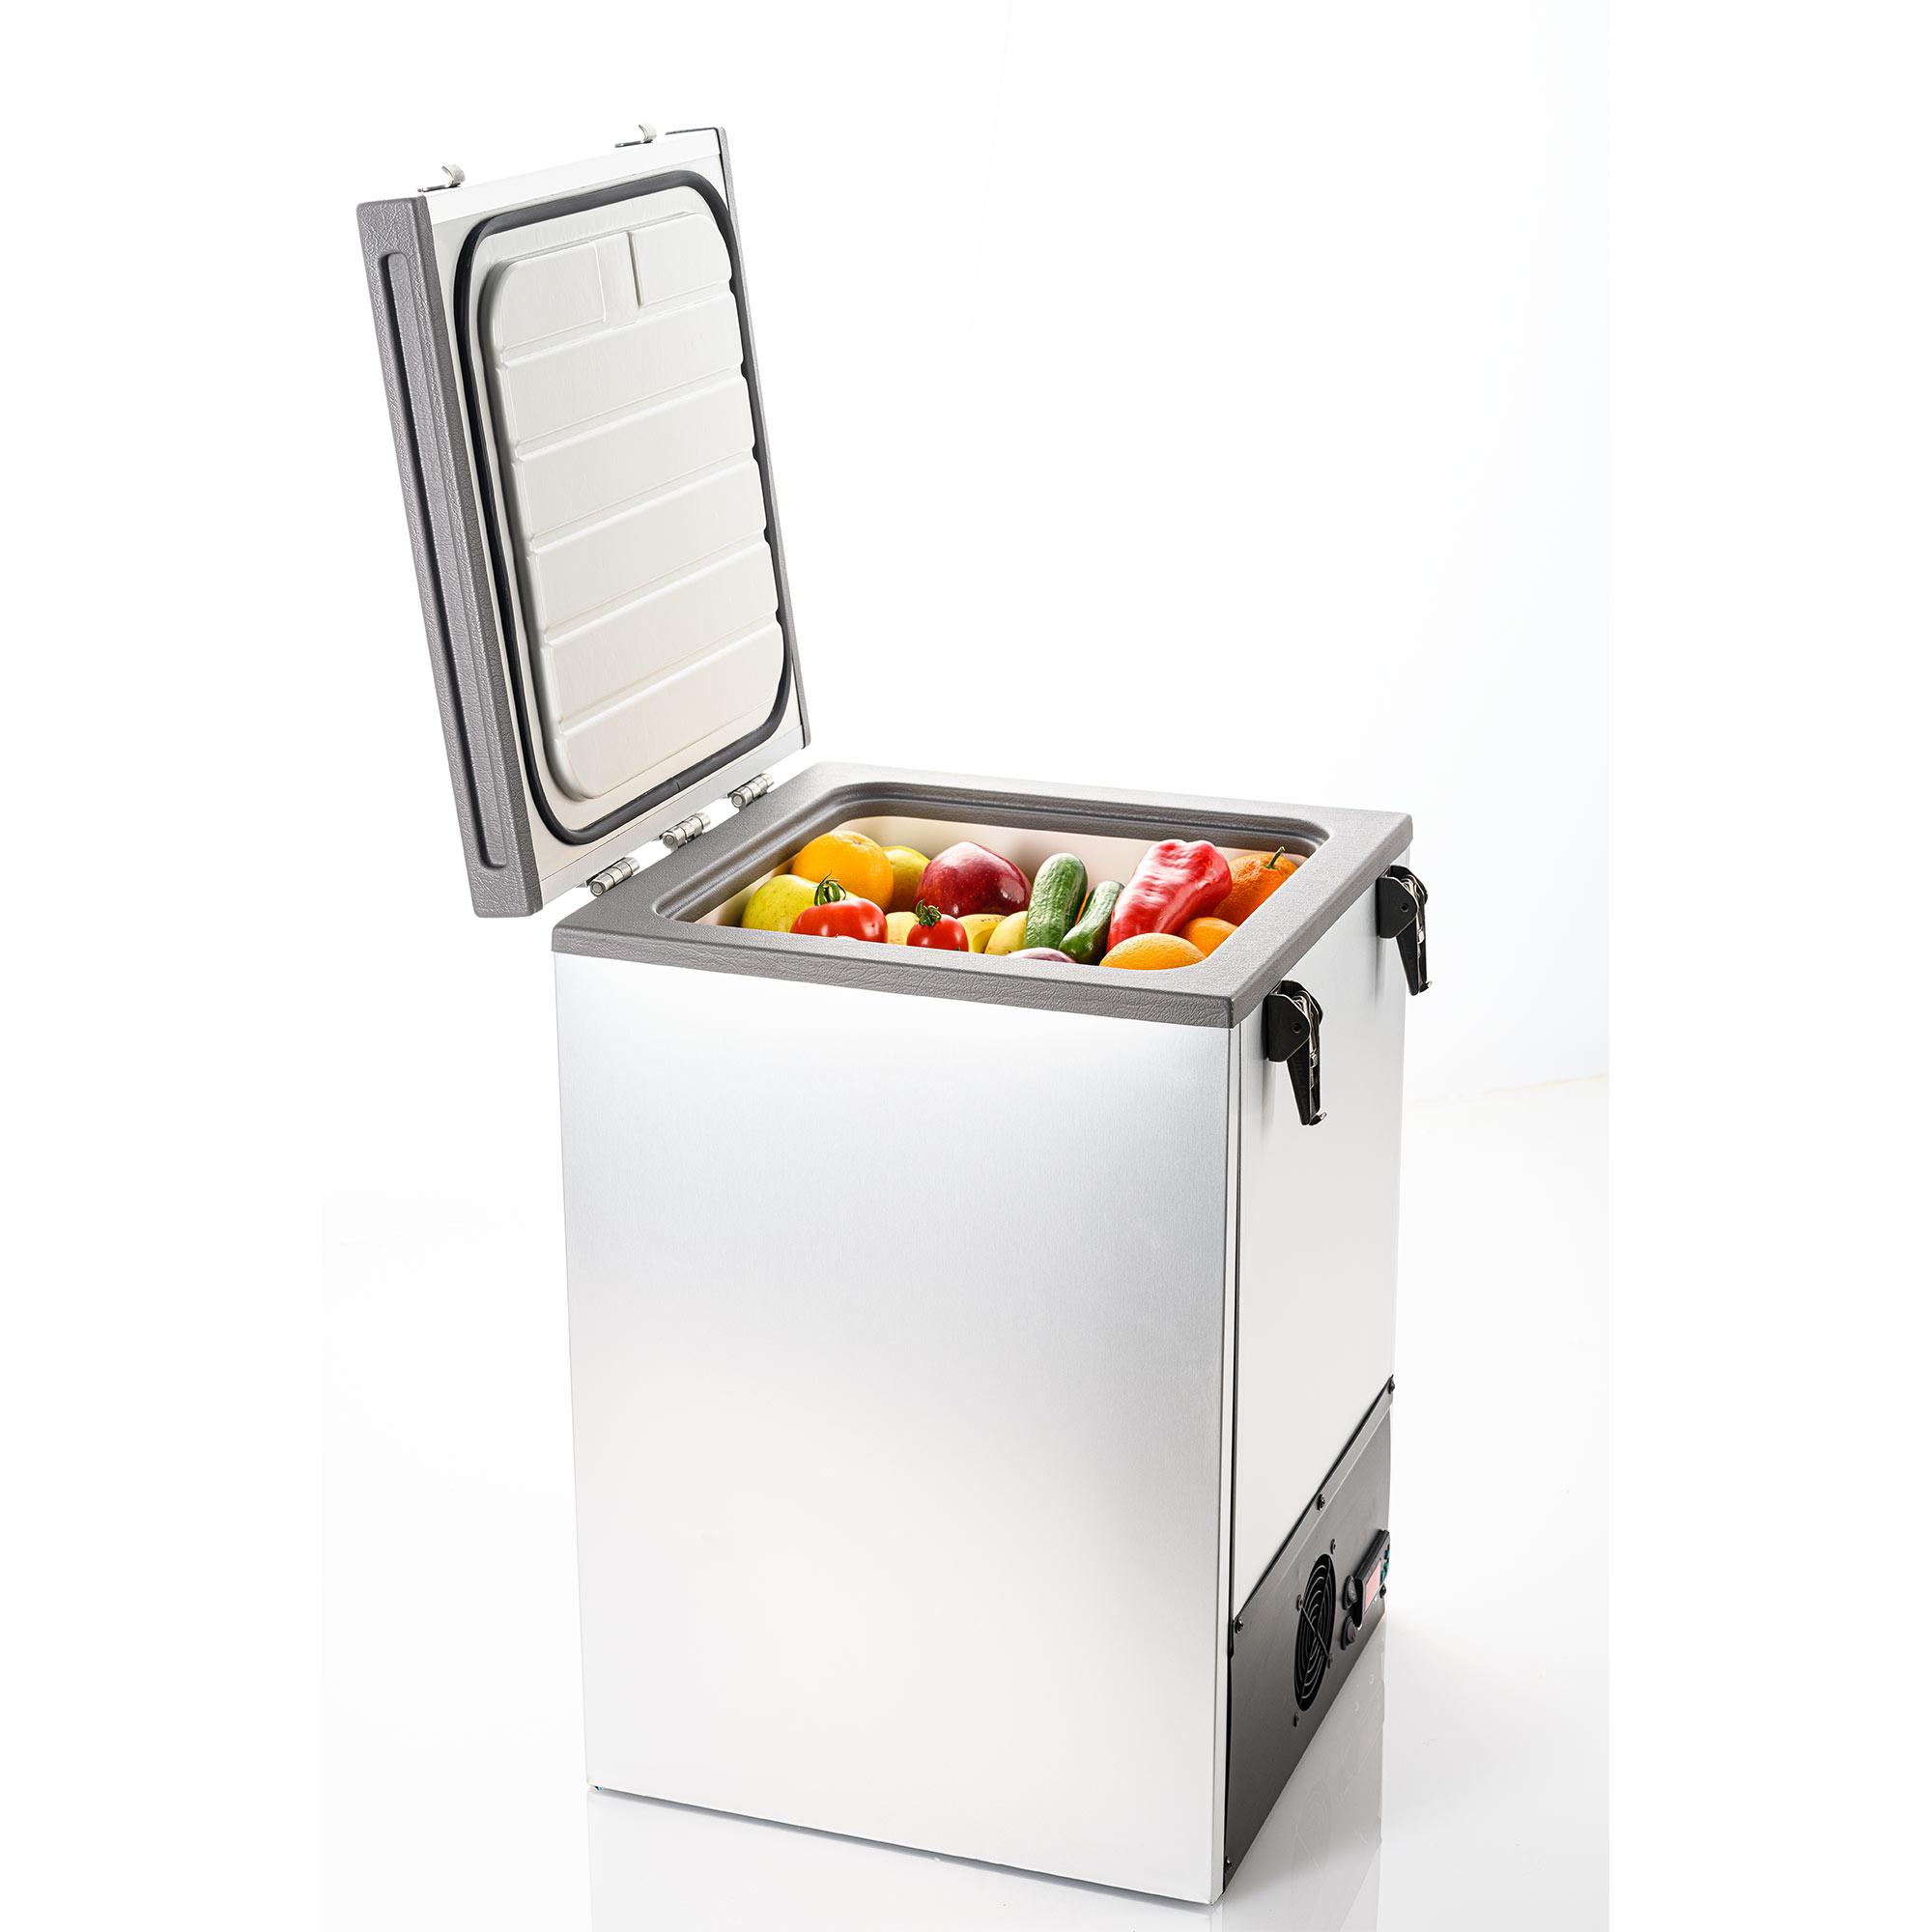 MPB 4262 36 LT Soğutucu Araç Buzdolabı